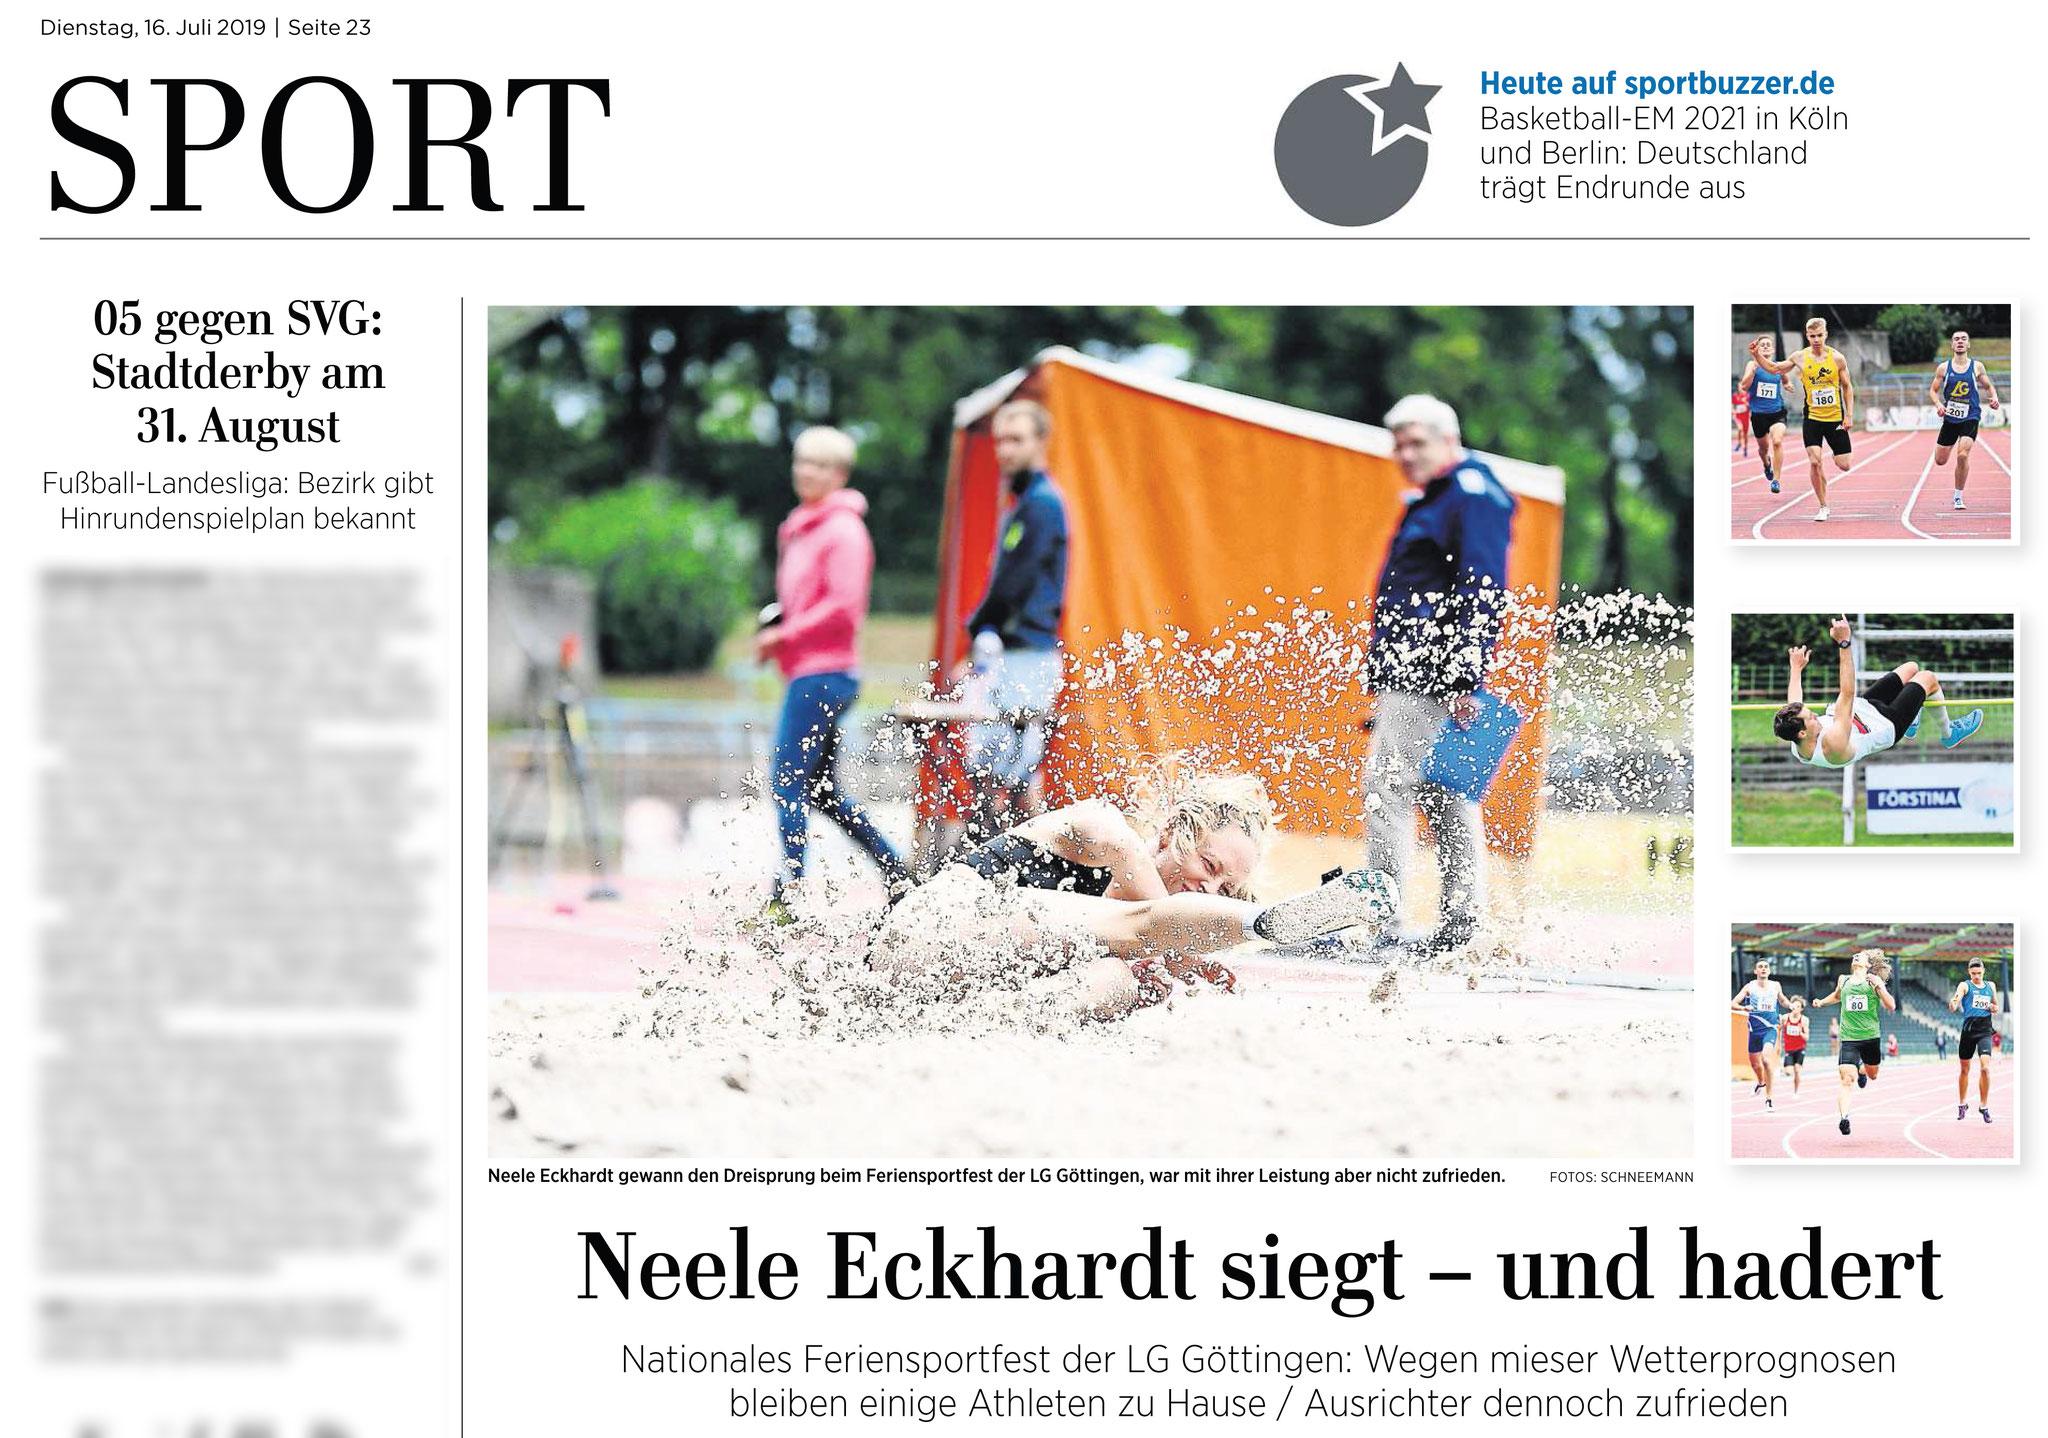 Göttinger Tageblatt 16.07.2019: Feriensportfest der LG Göttingen